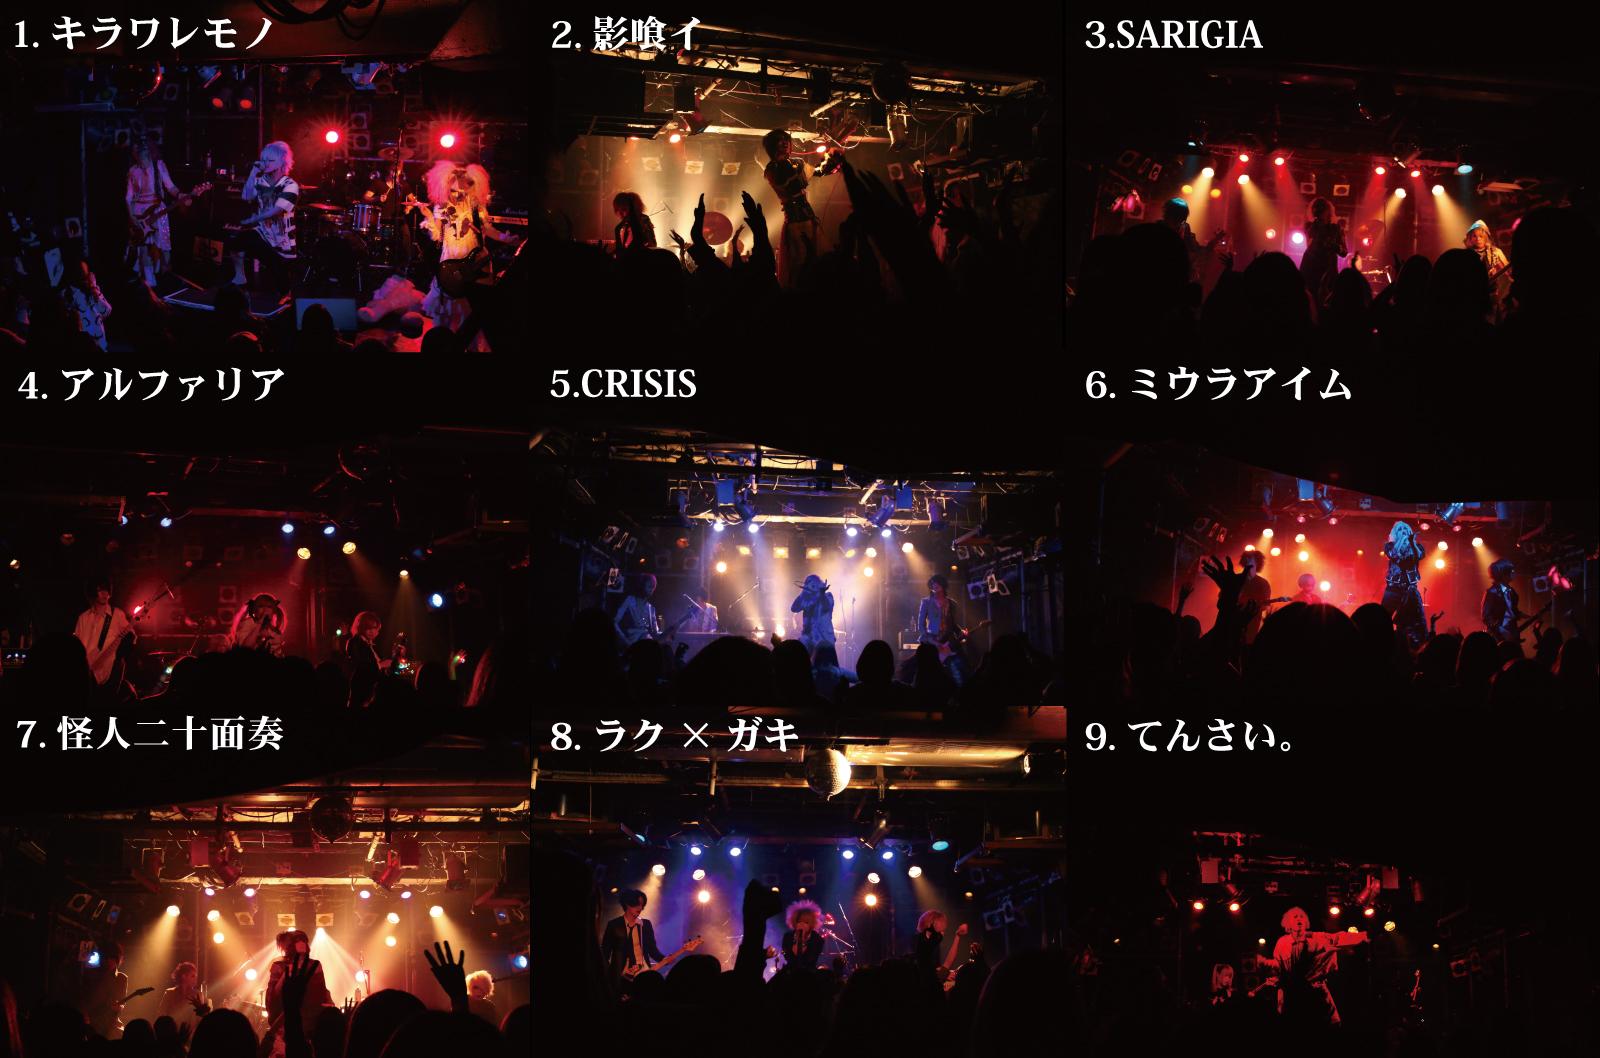 池袋CYBER出演全バンド-ライブ写真